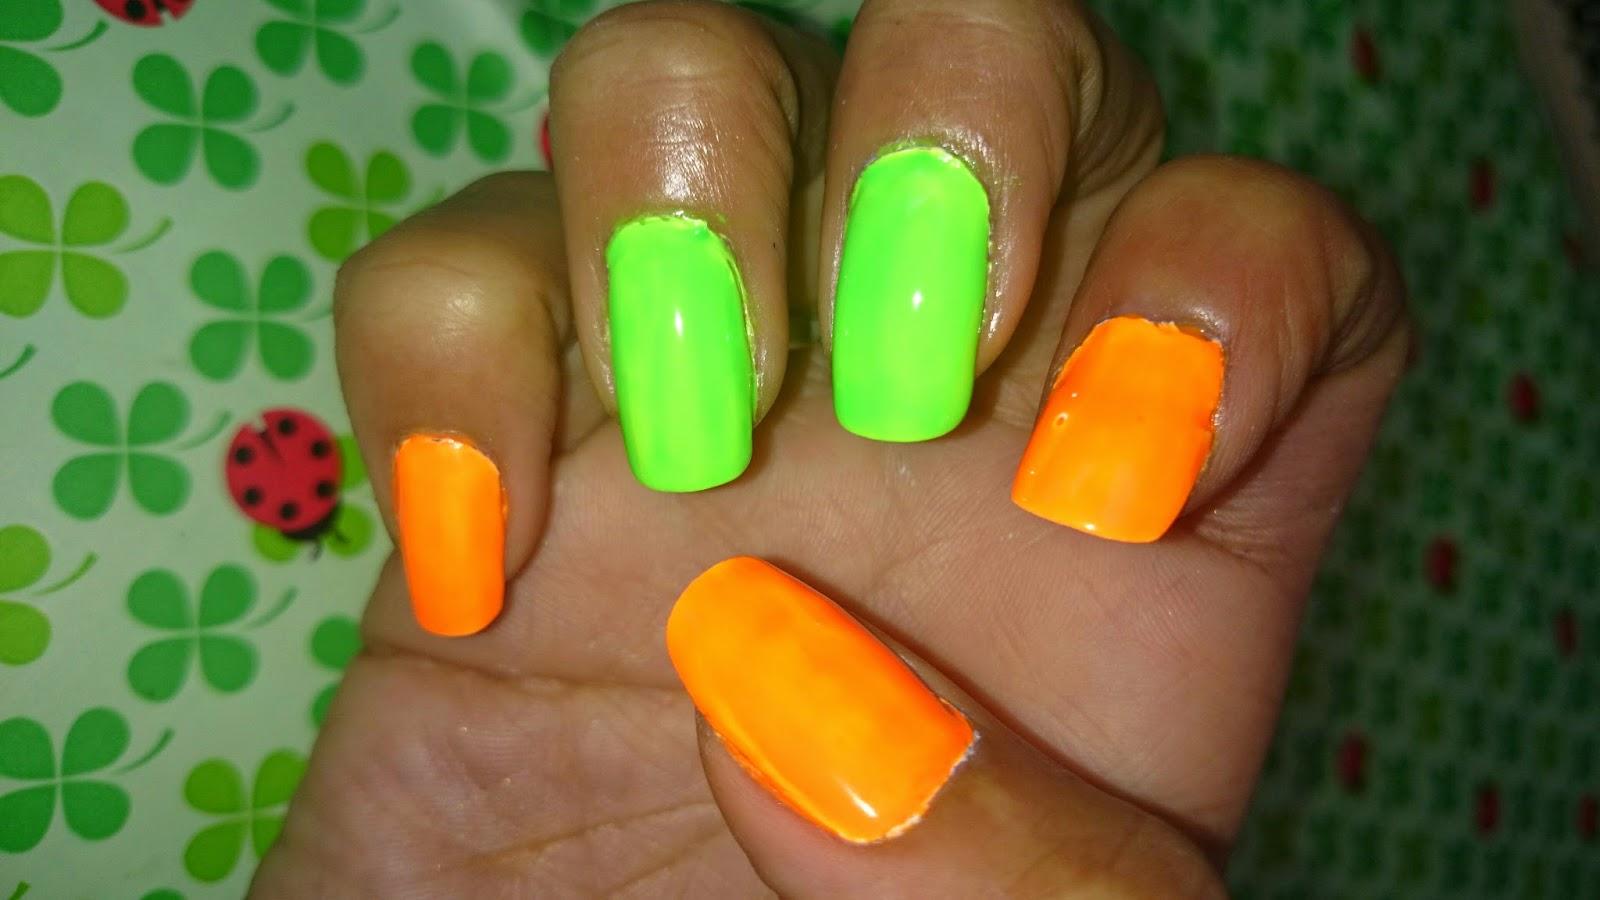 Bonito Naranja Color De Las Uñas Imagen - Ideas de Pintar de Uñas ...